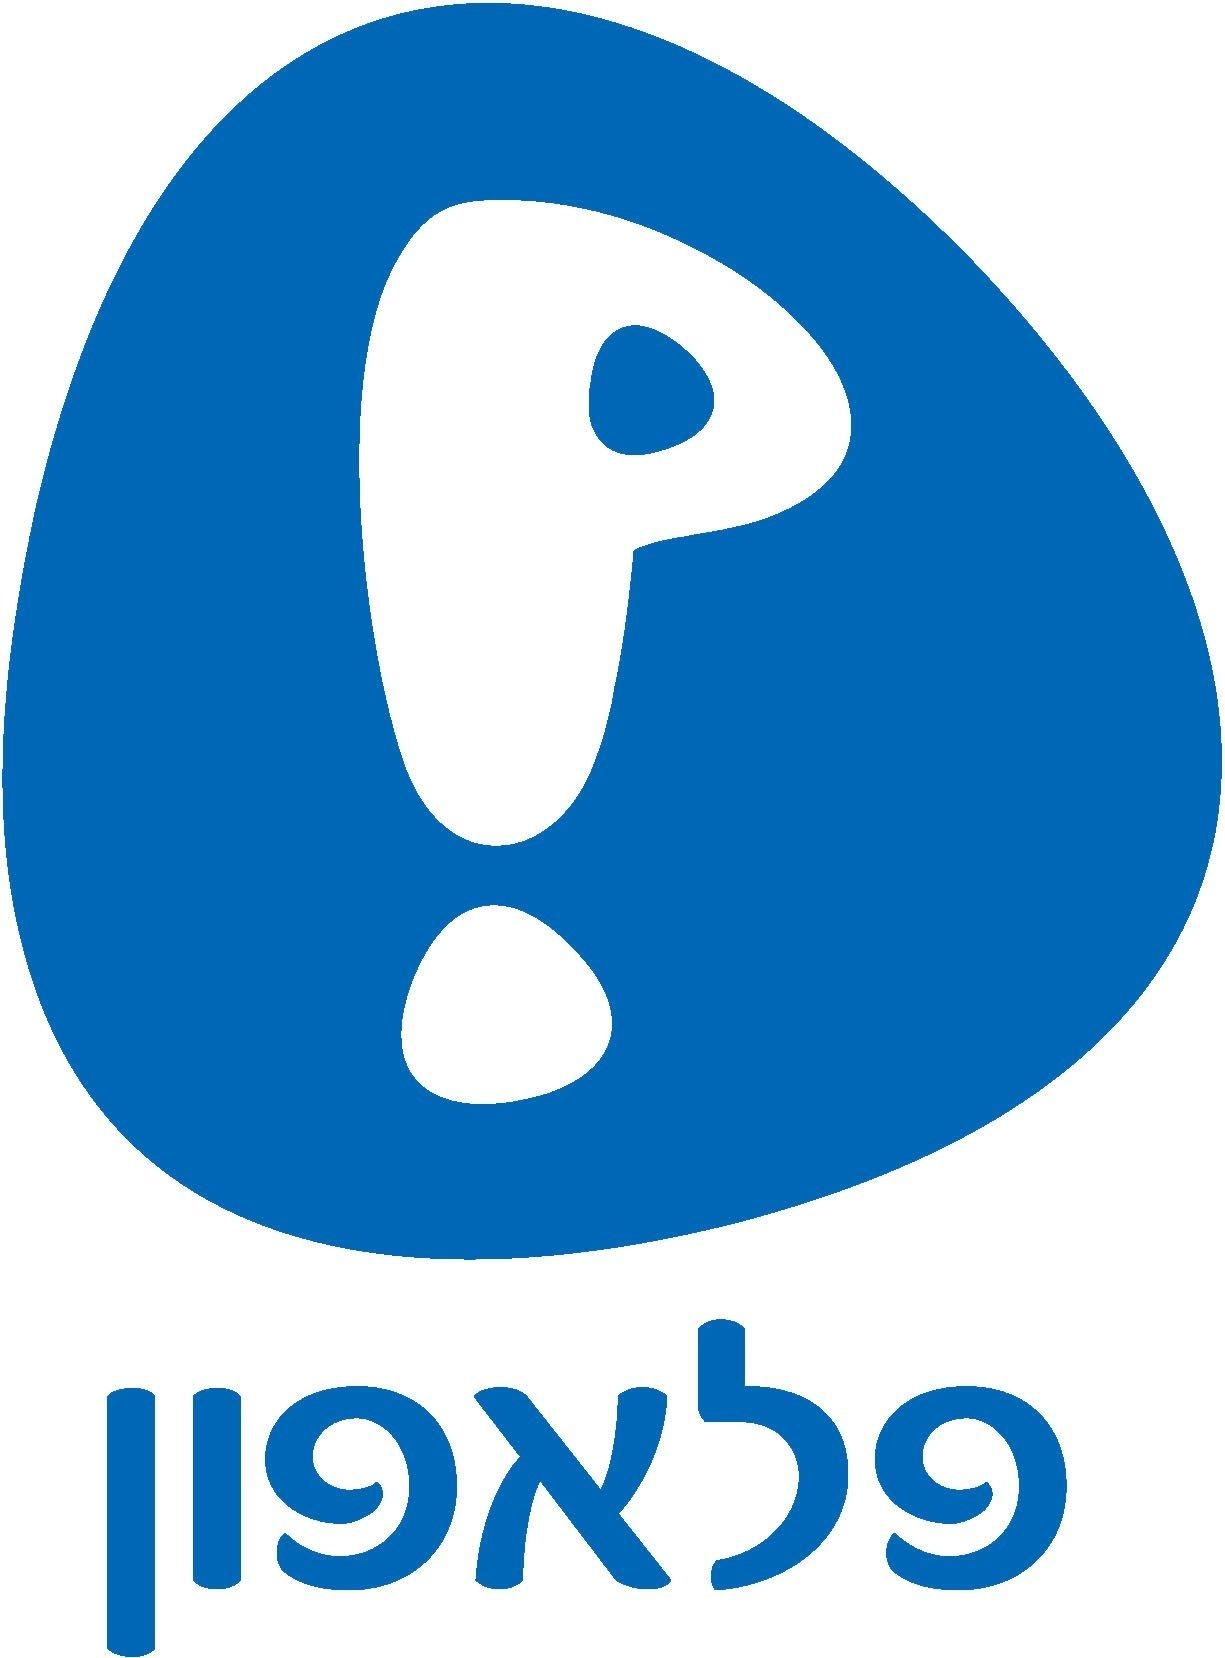 منظمة GSA العالمية قررت: بيليفون من بين الشركات الخليوية الأسرع في العالم